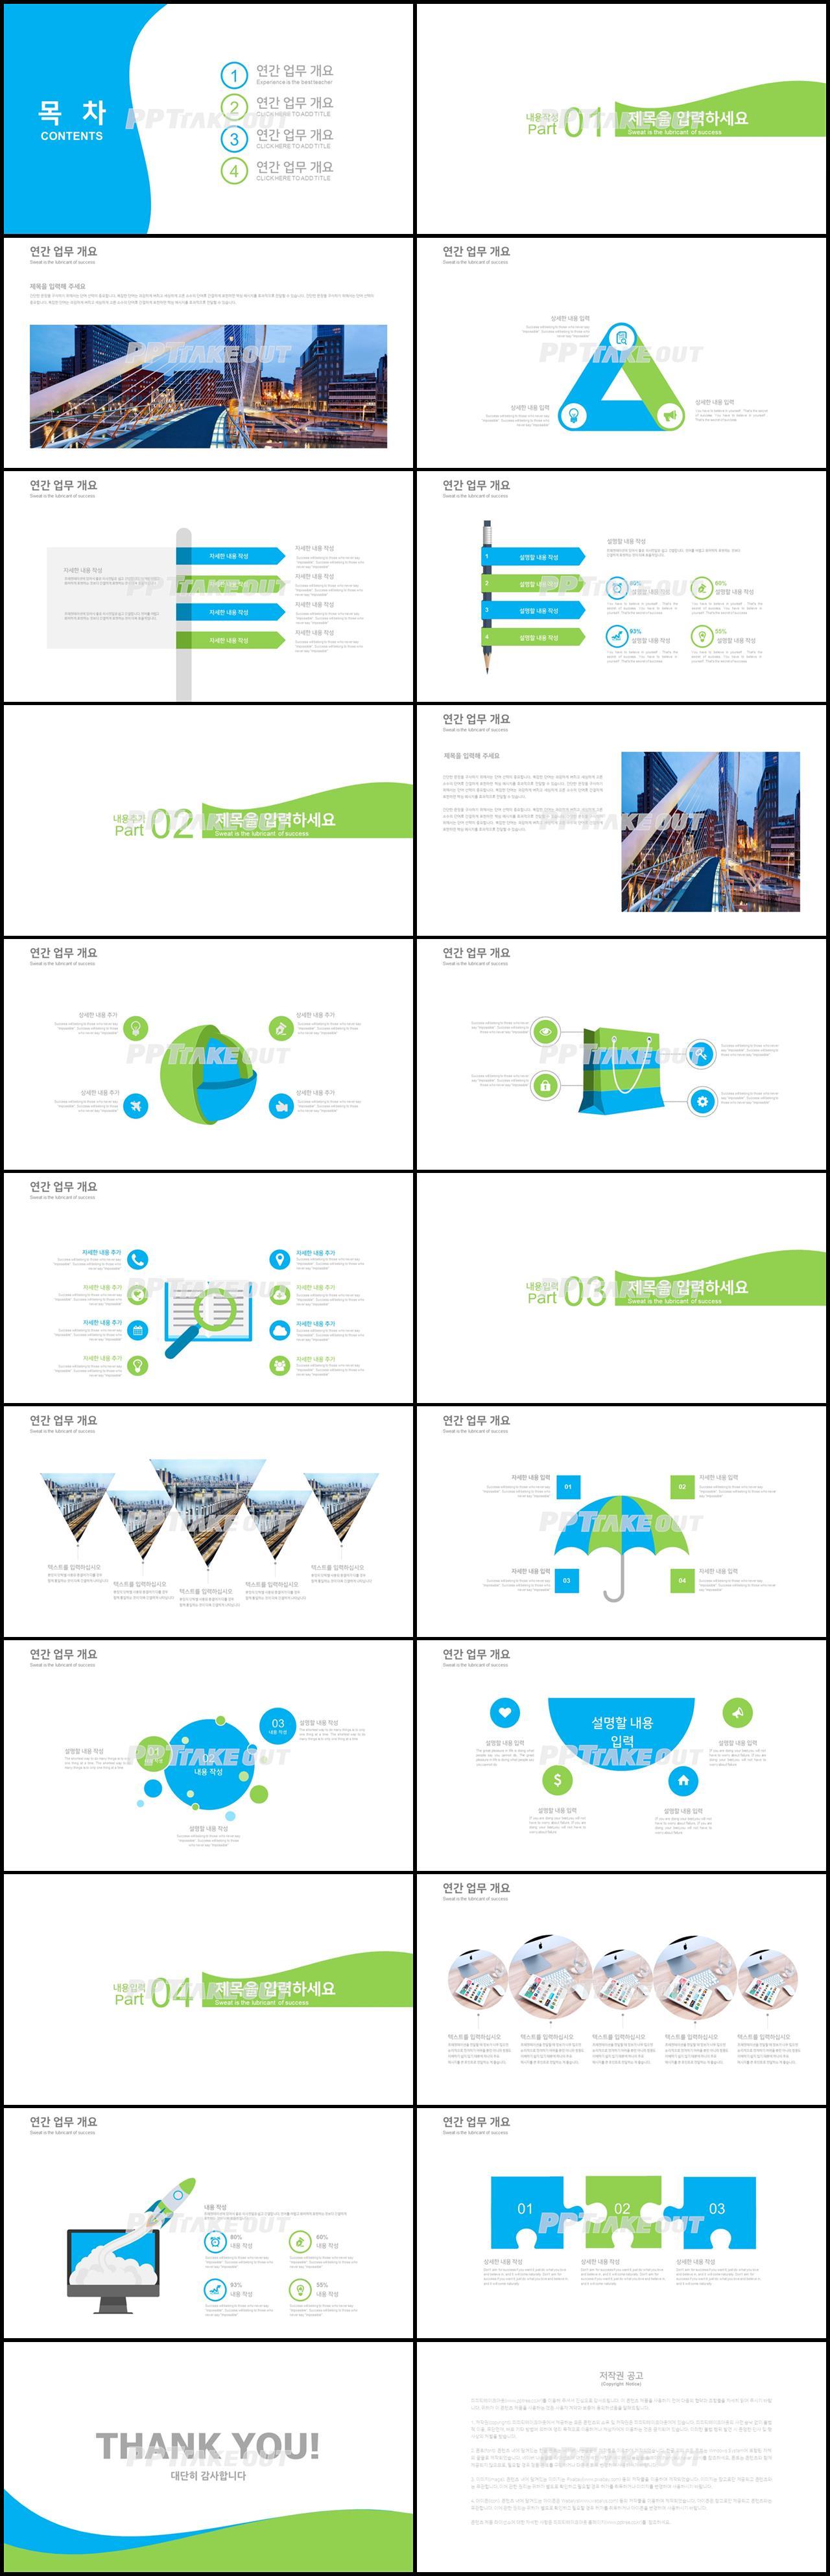 업무보고 초록색 심플한 고급형 파워포인트서식 디자인 상세보기